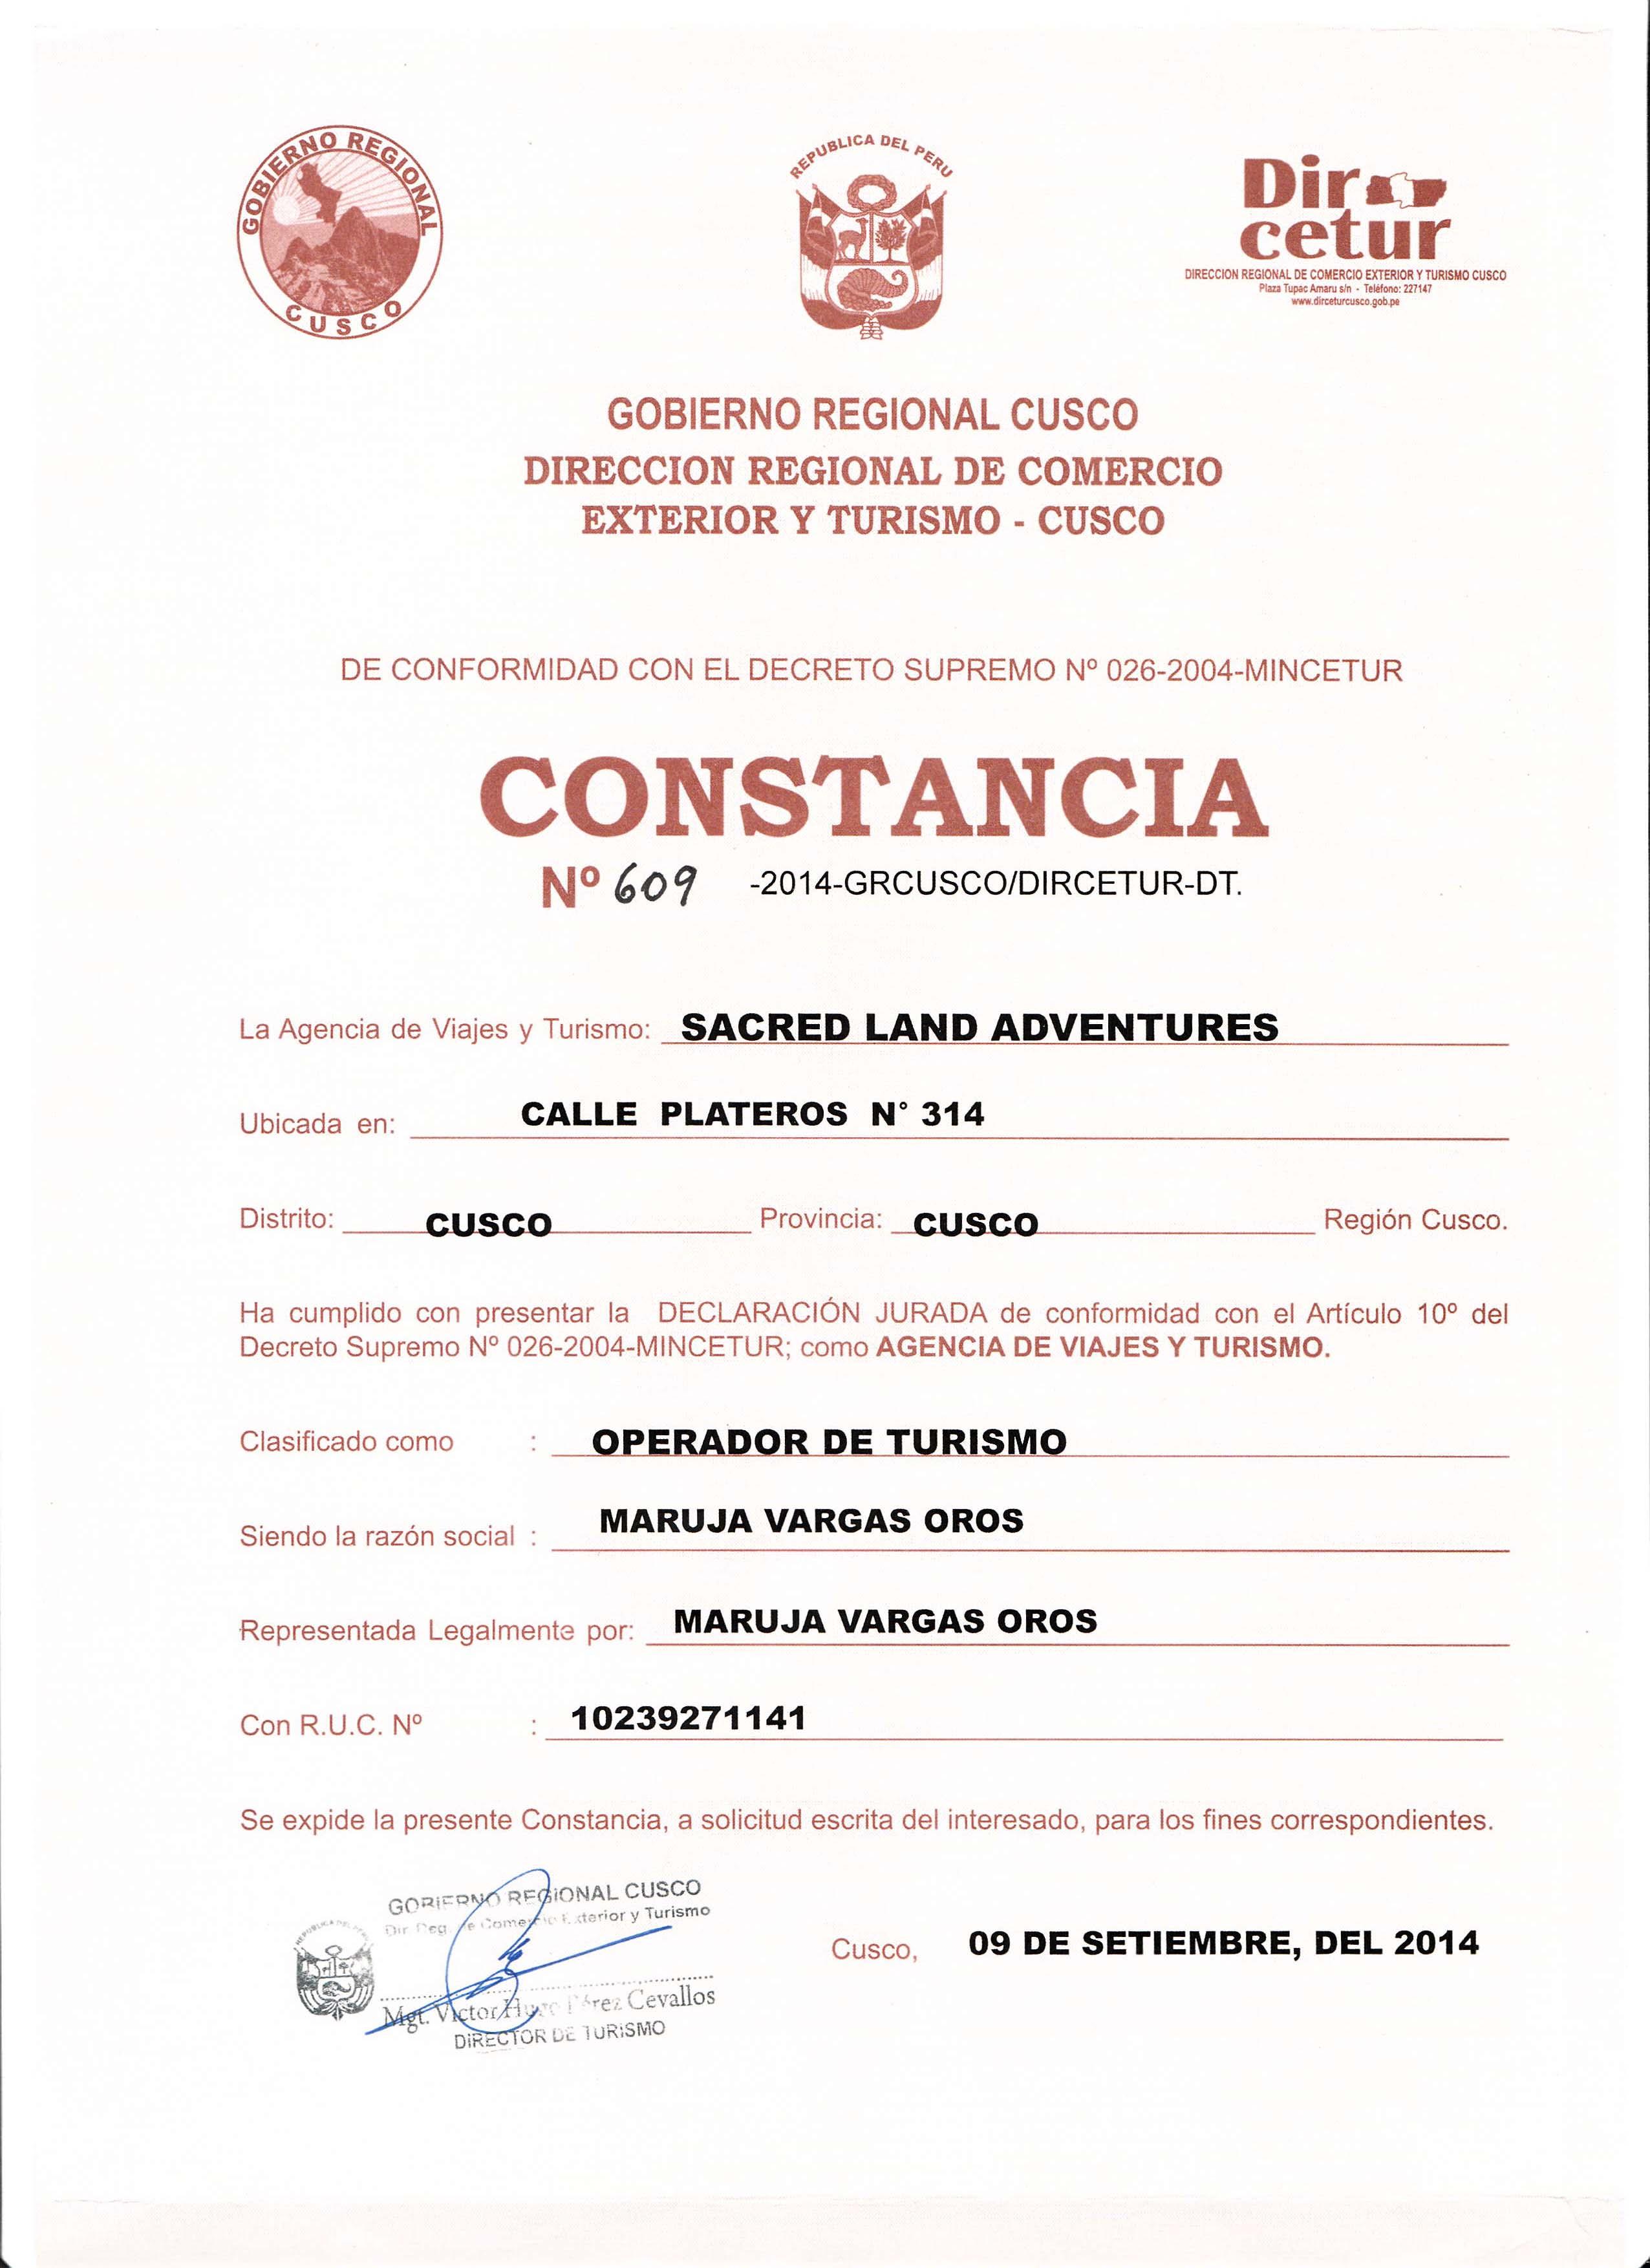 constancia de autorizacion para la agencia de viajes y turismo tours peru machu picchu